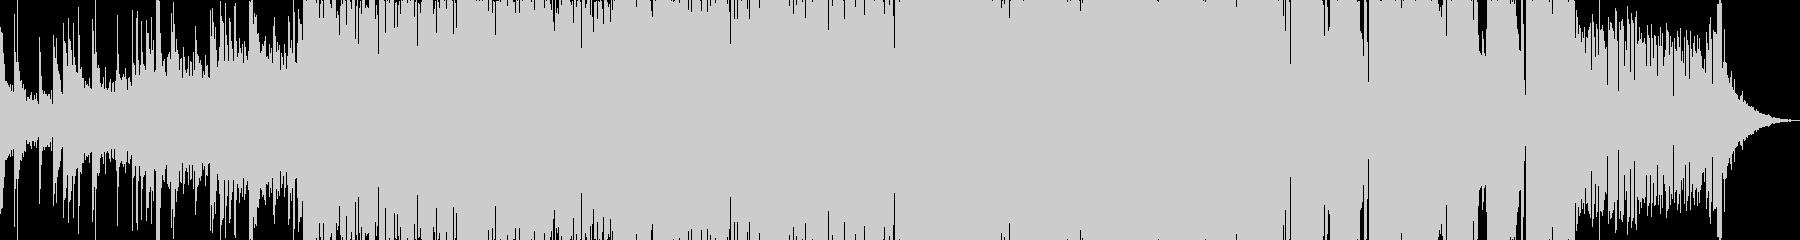 メロディックでソフトなダブステップの未再生の波形